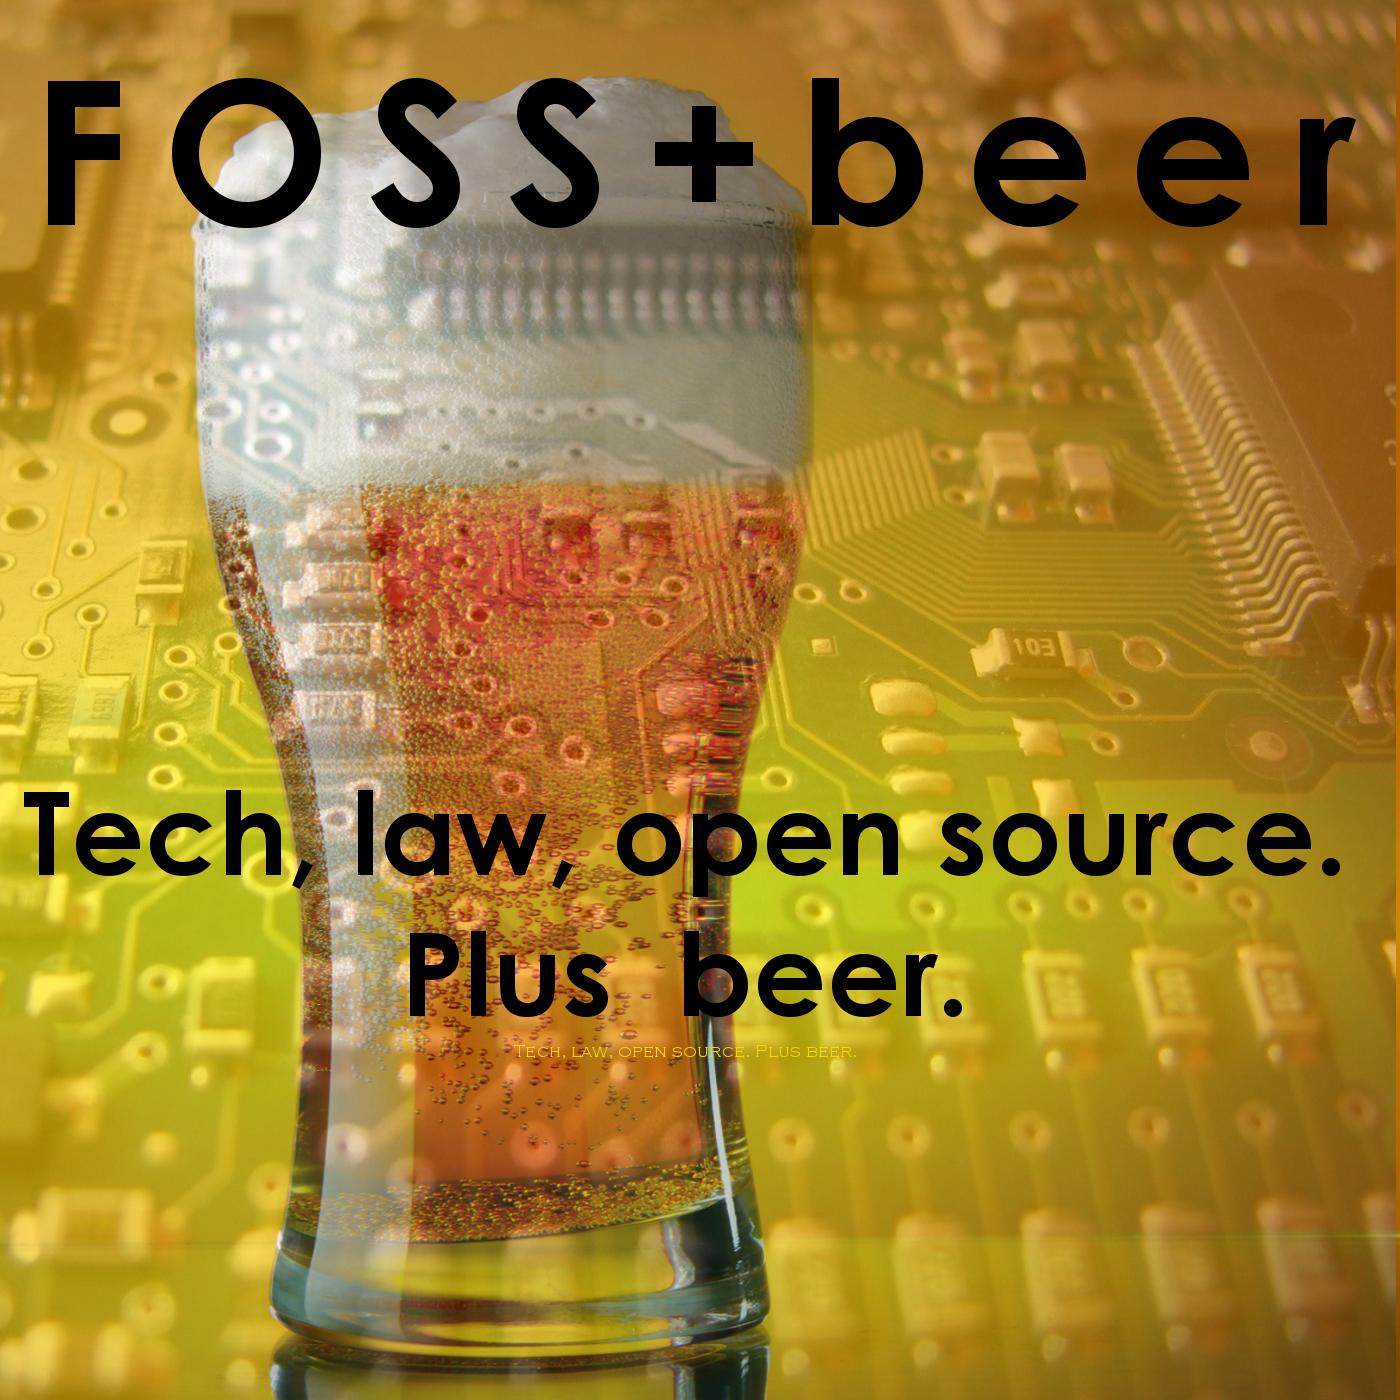 FOSS+beer